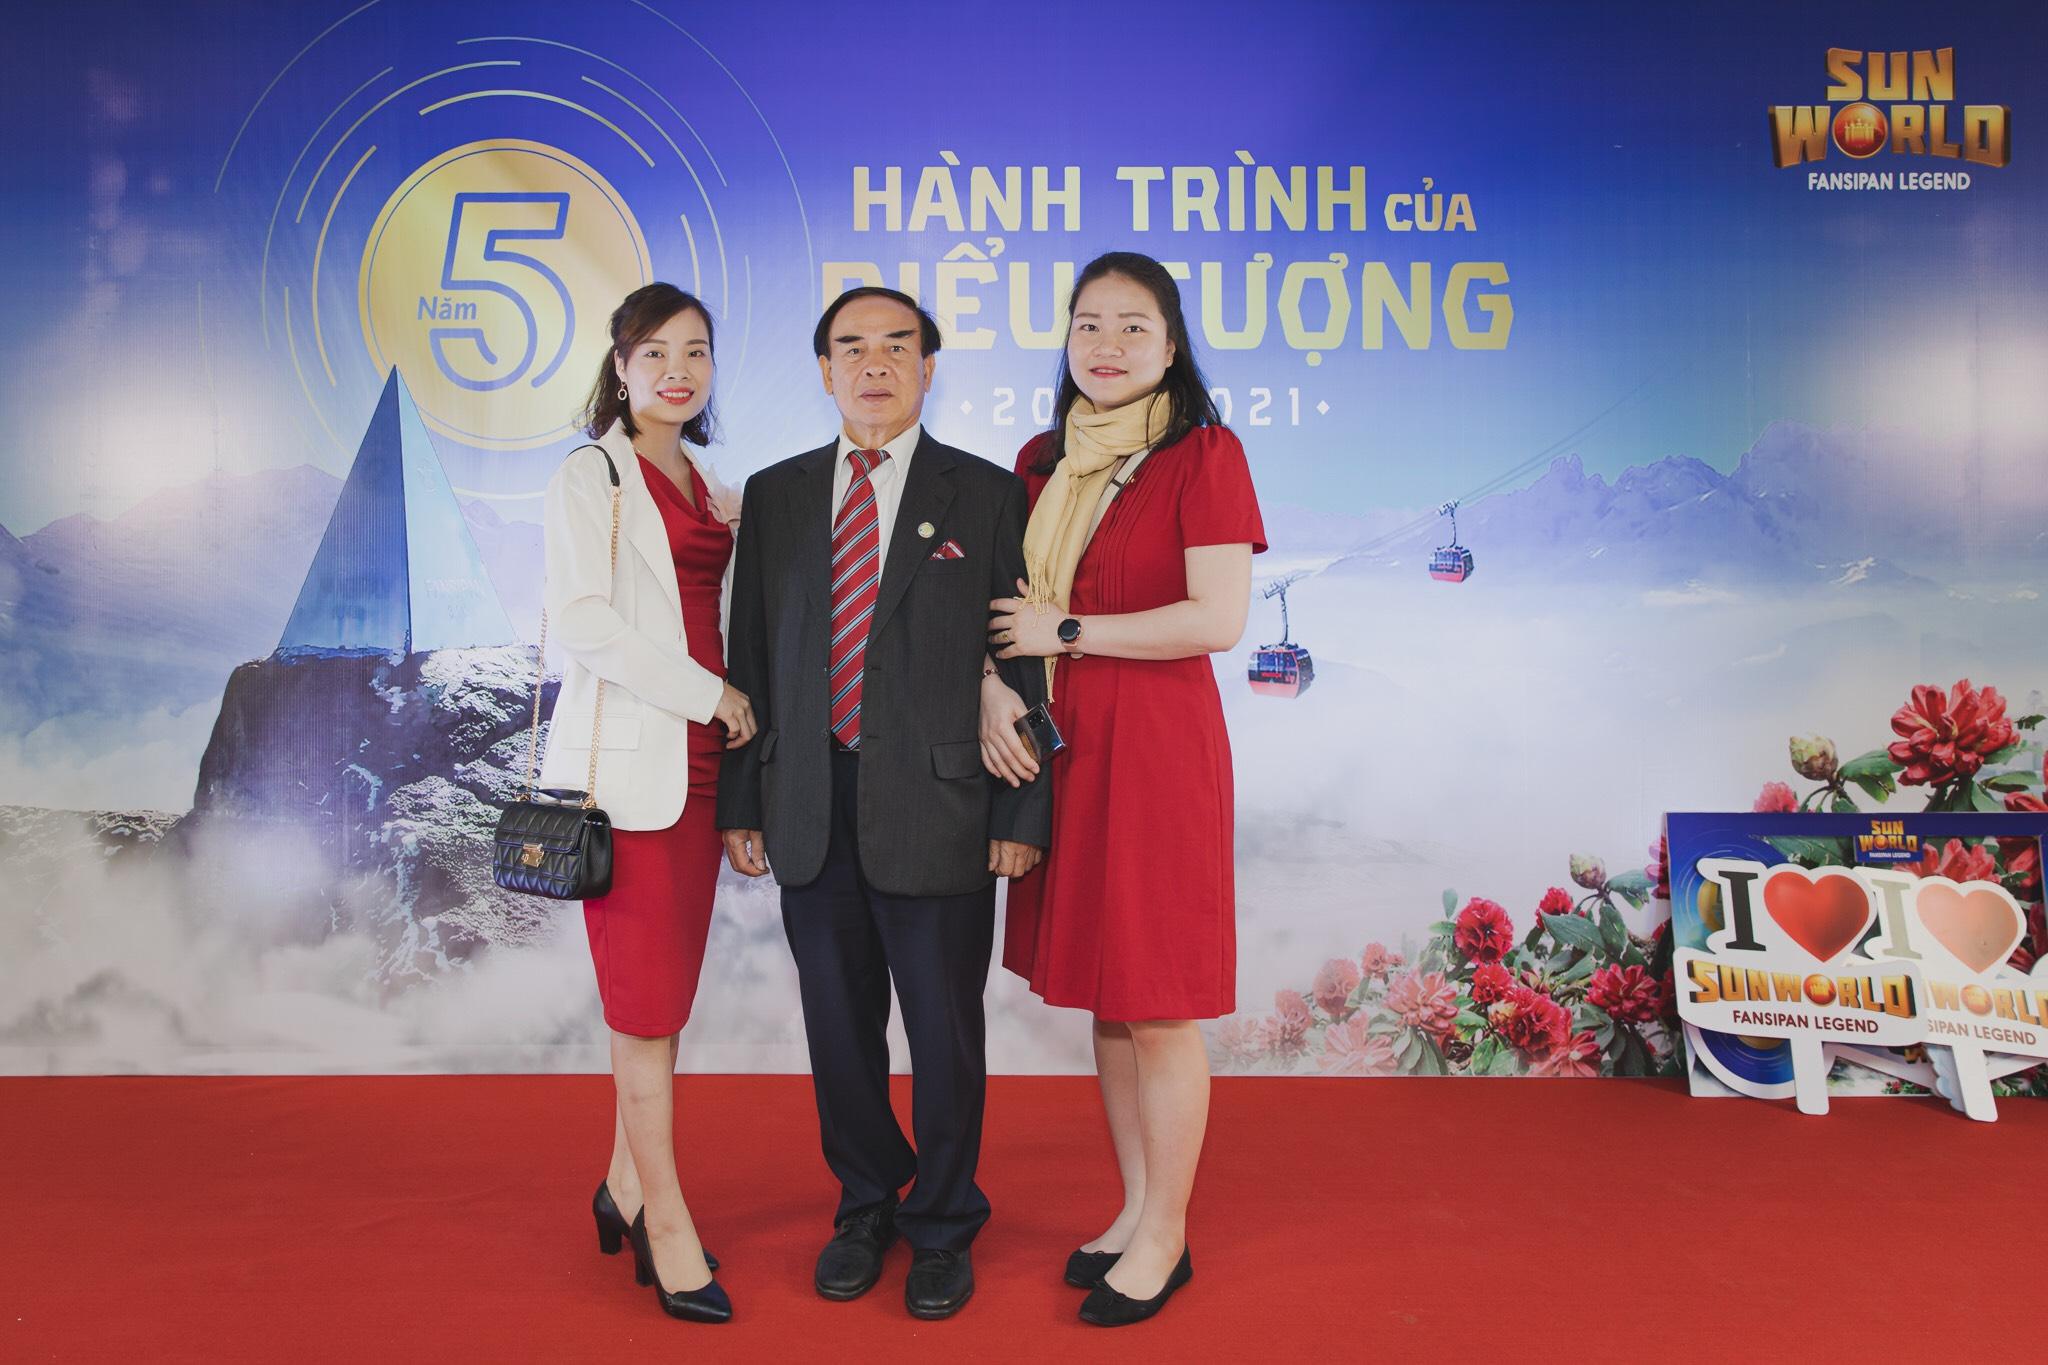 Đại diện Tổ chức Kỷ lục Việt Nam tham dự chương trình.